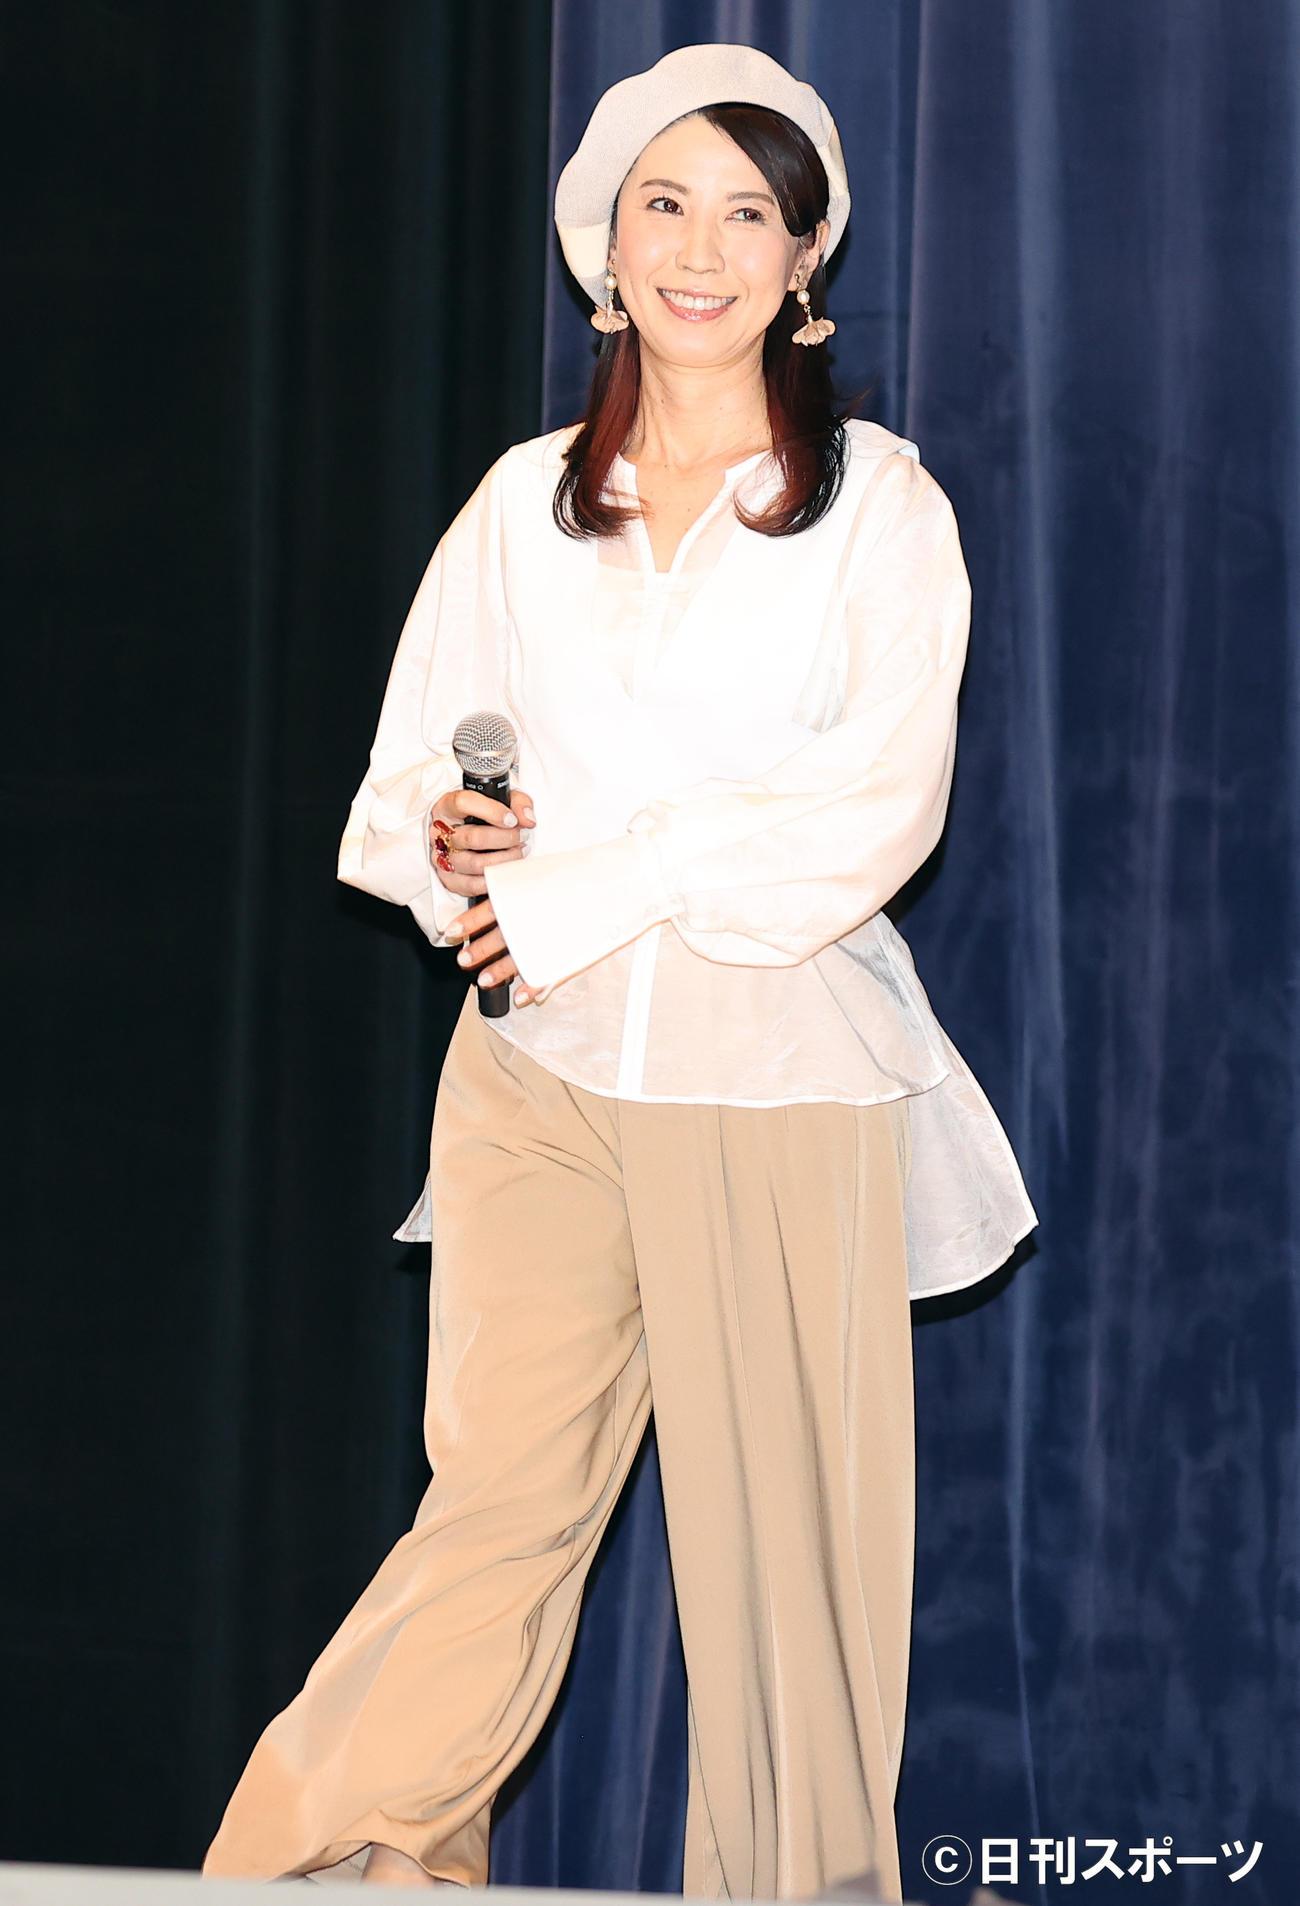 劇場版「美少女戦士セーラームーンEternal」の舞台あいさつに登壇した三石琴乃(撮影・浅見桂子)